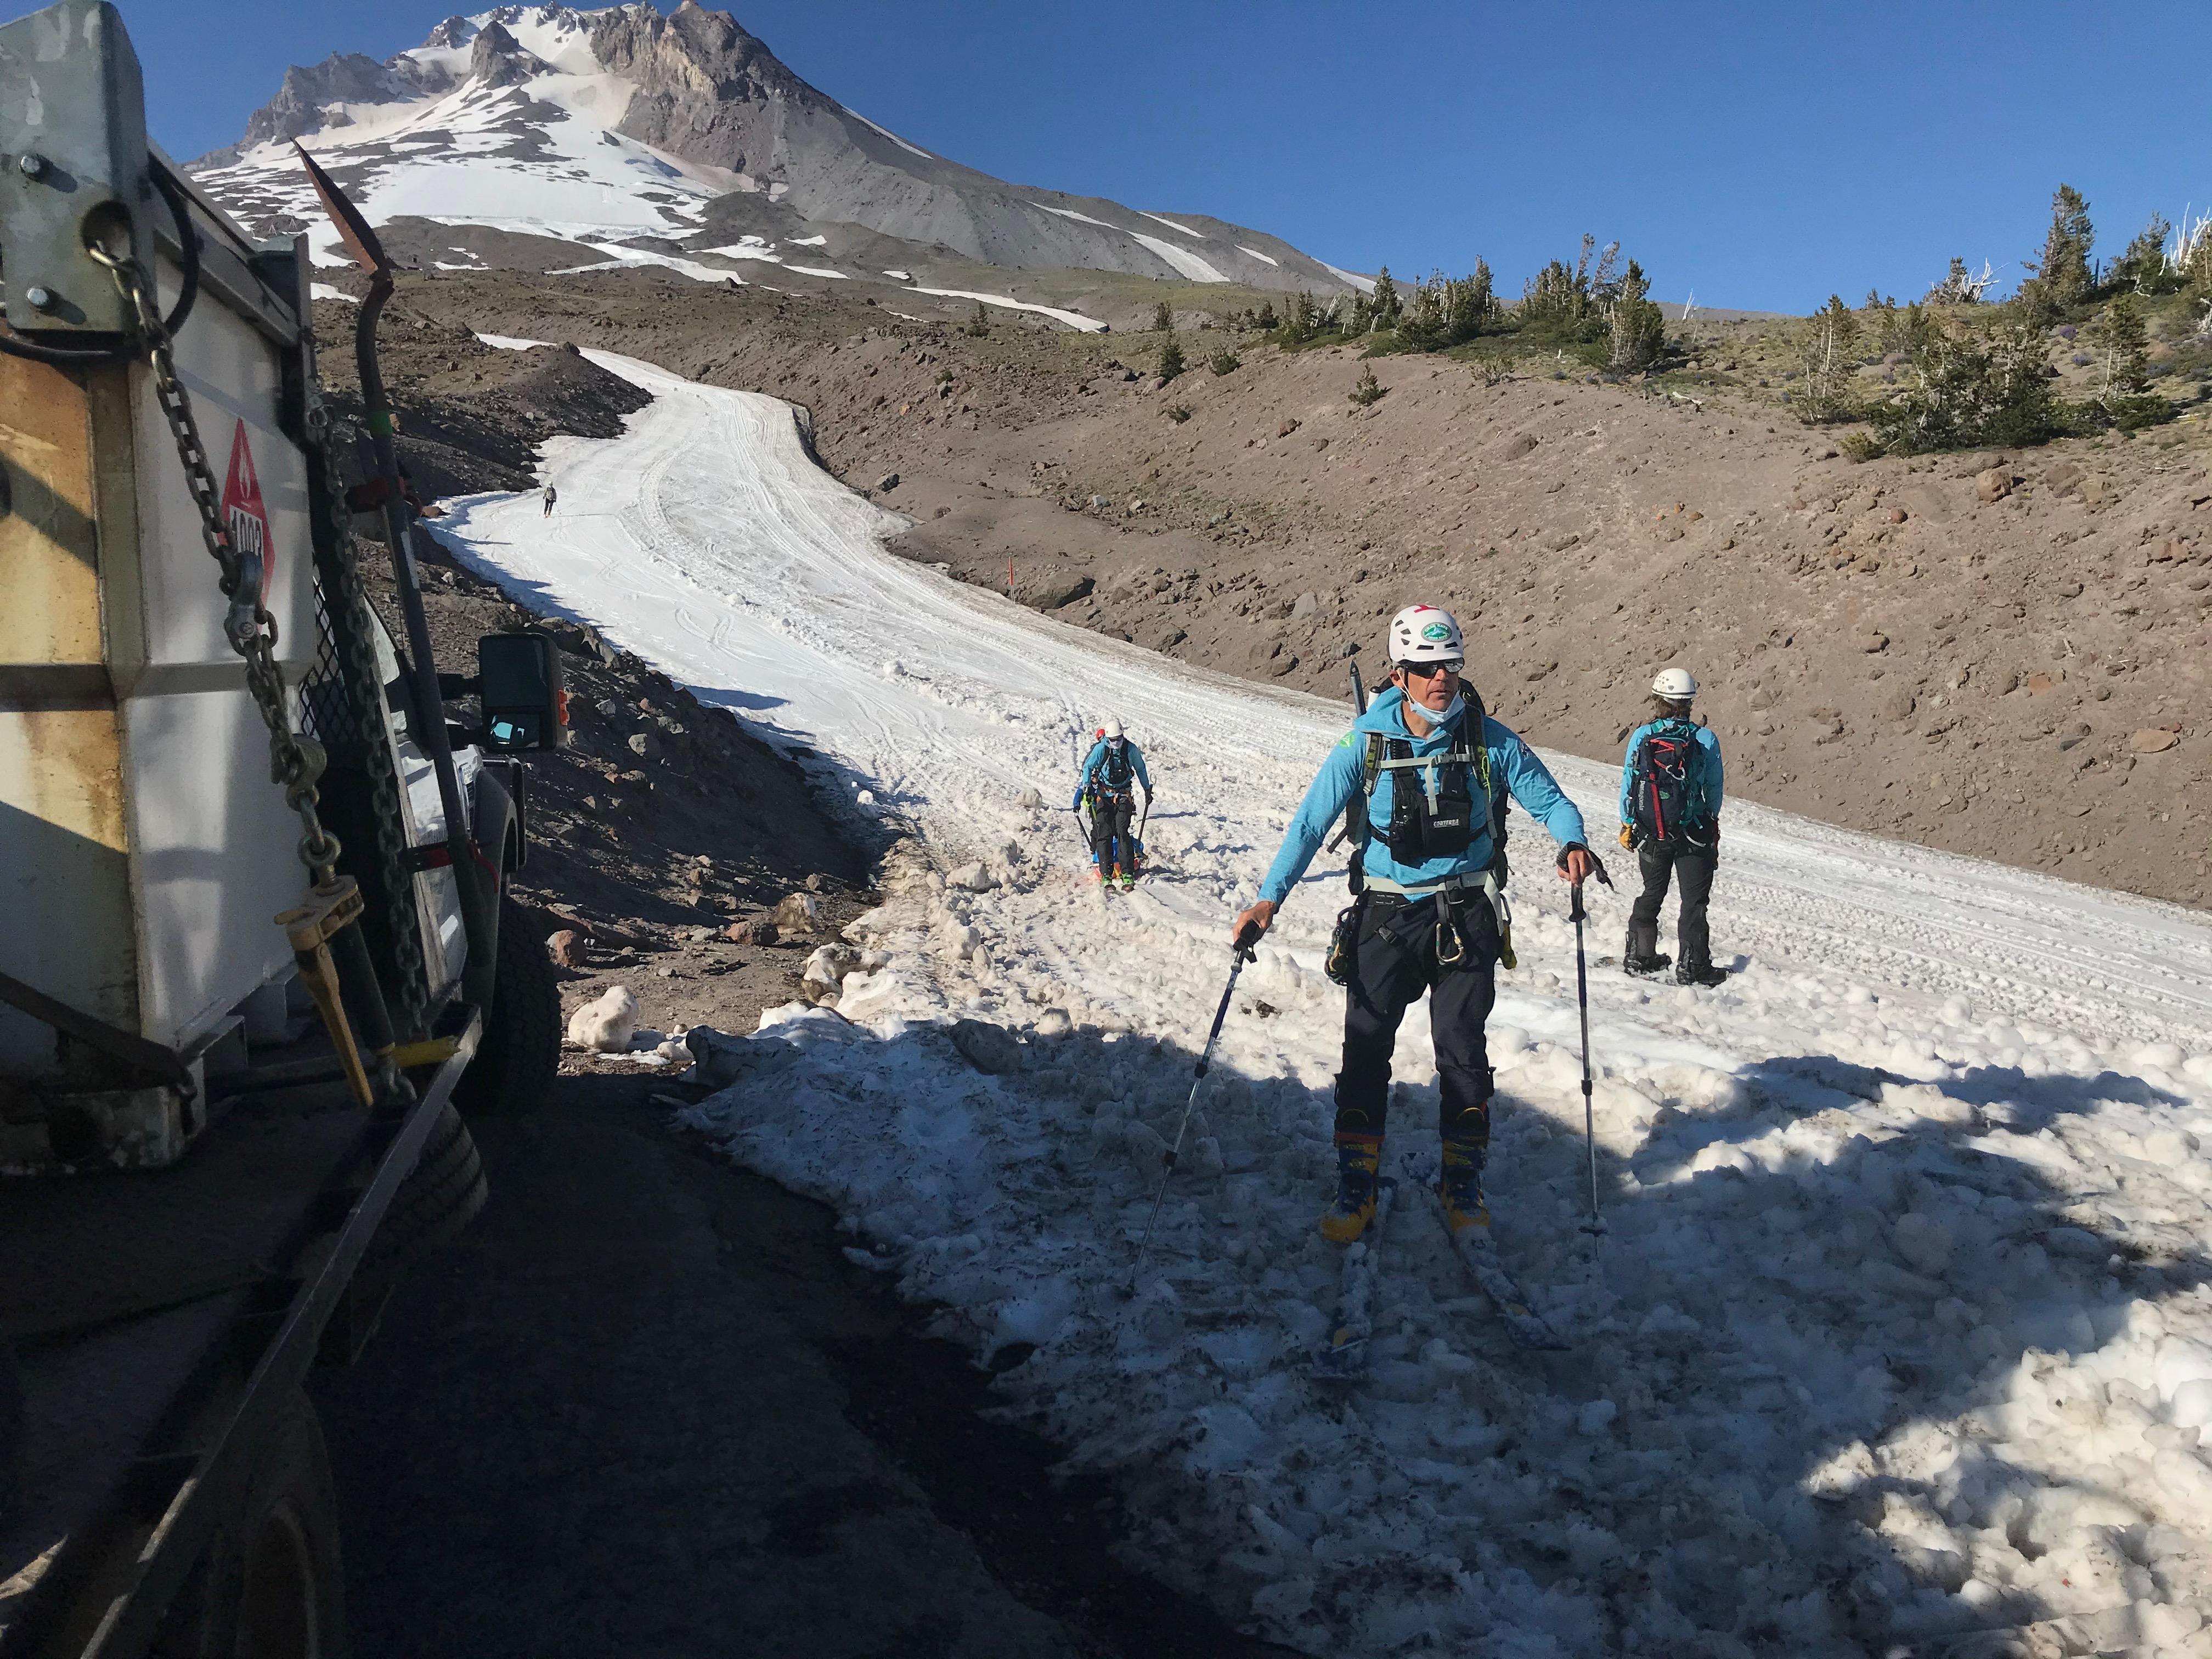 SAR mission on Mt. Hood